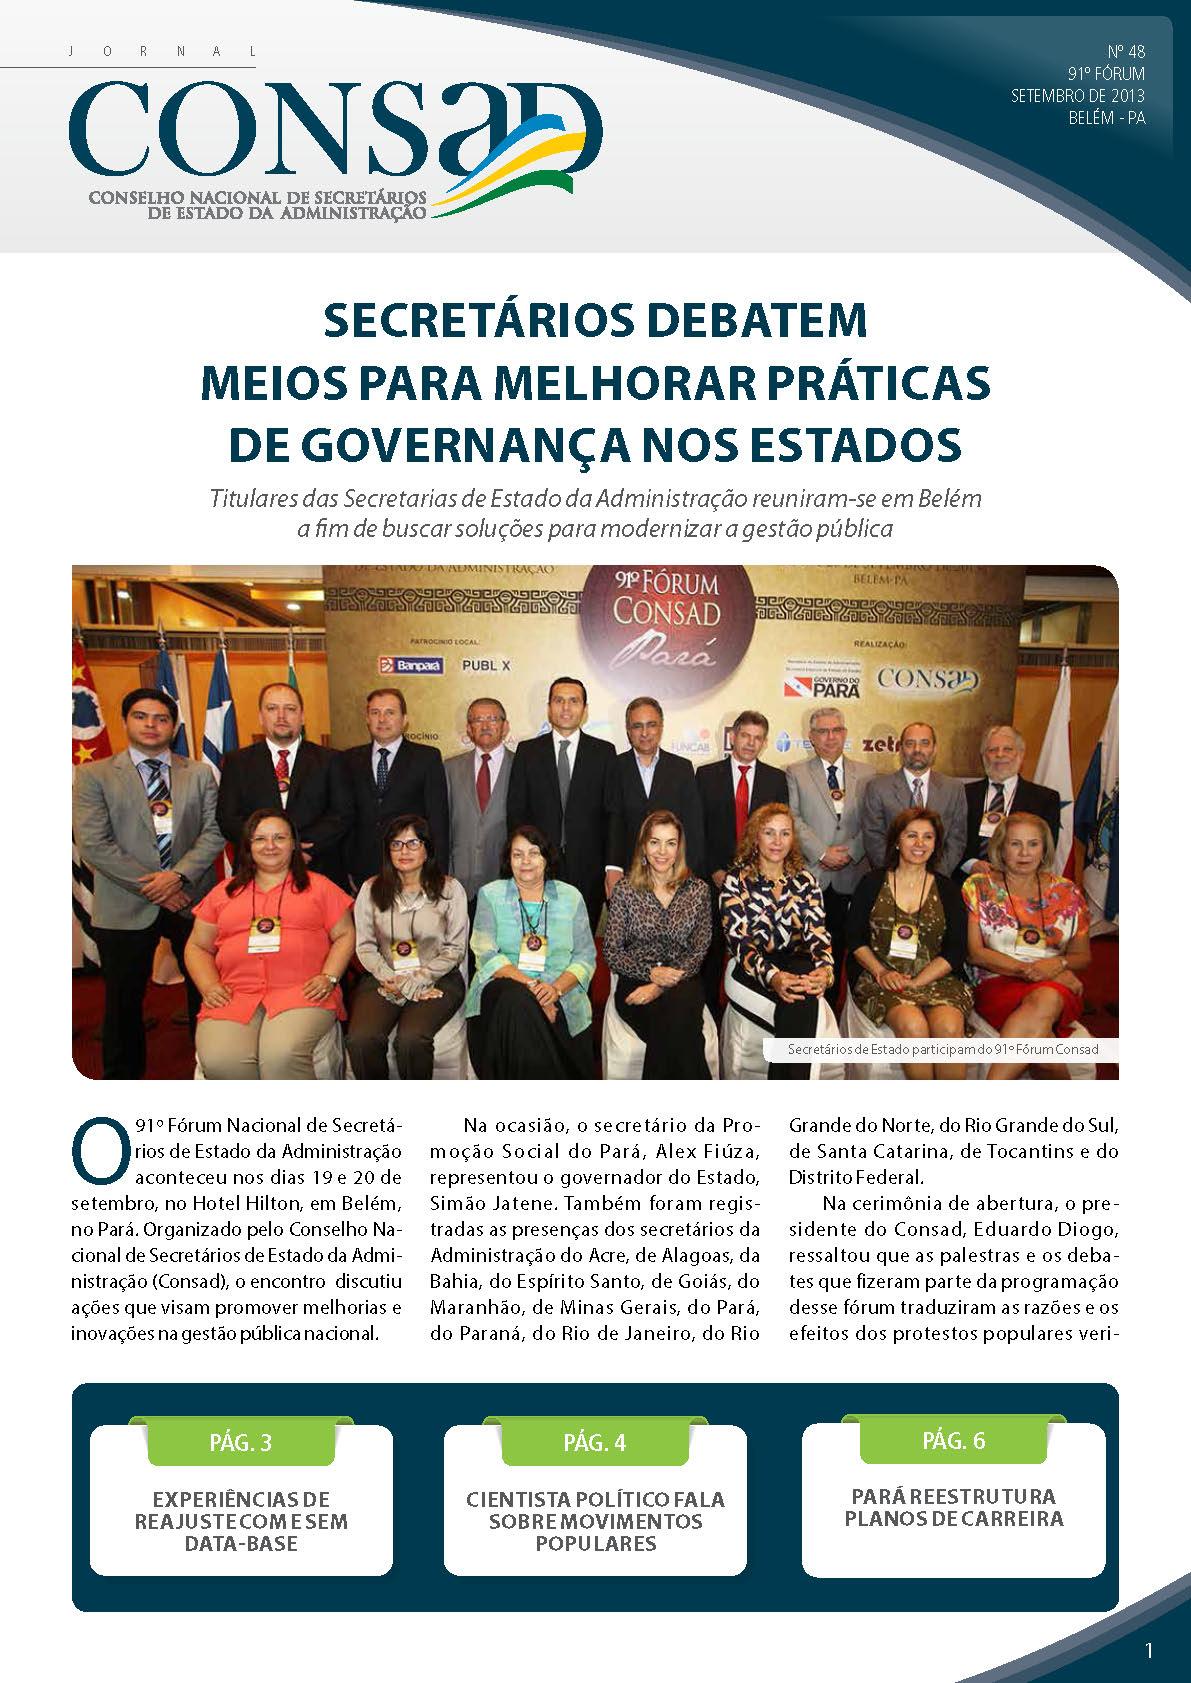 Jornal do Consad Número 48 – Setembro de 2013